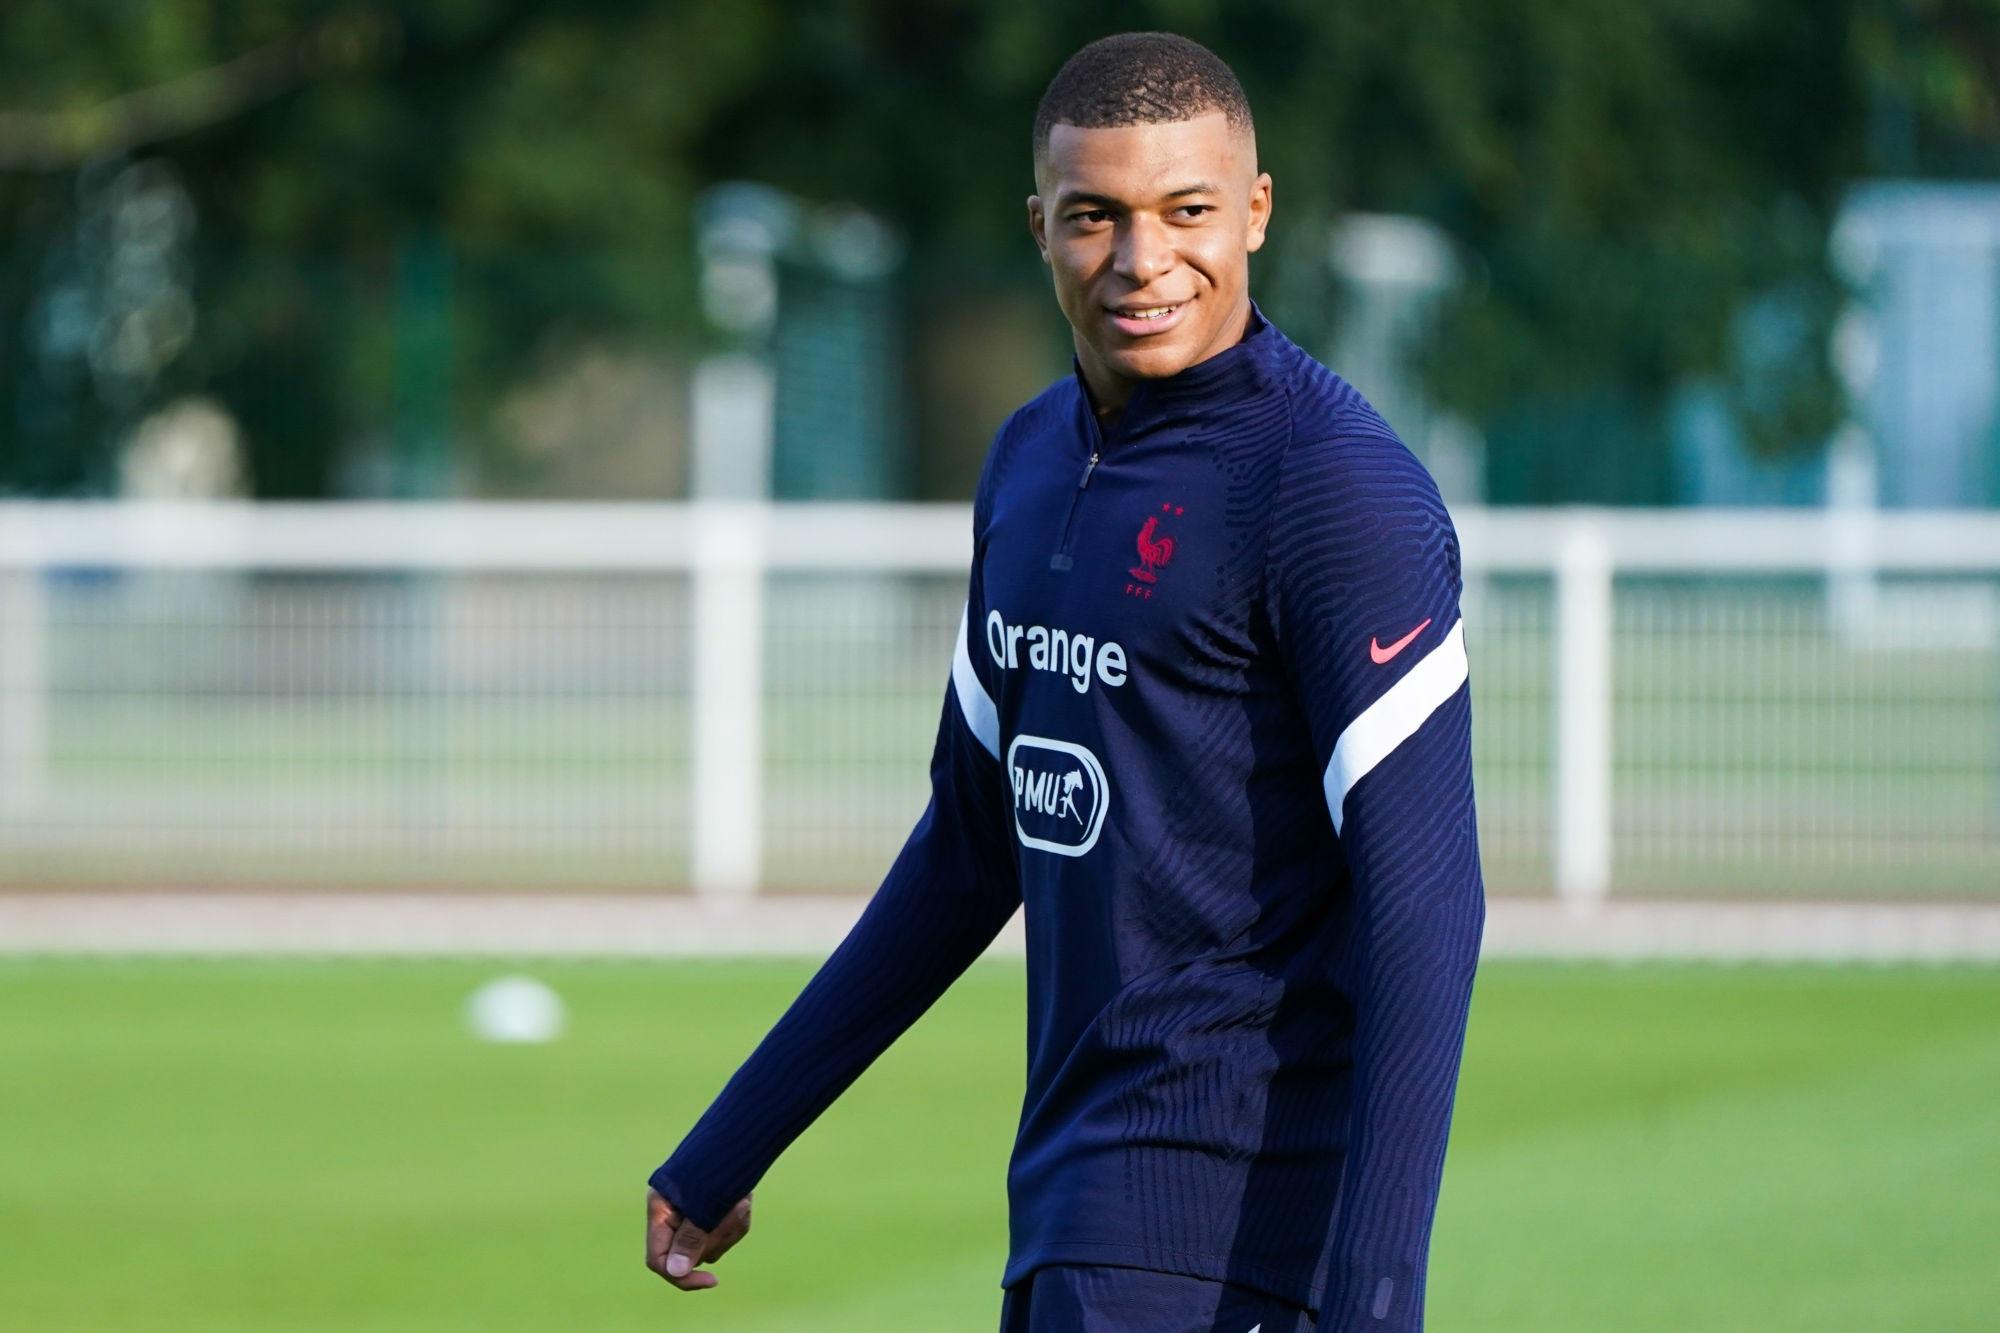 France/Portugal - L'équipe des Bleus selon la presse : un 4-4-2 avec Mbappé et Kimpembe